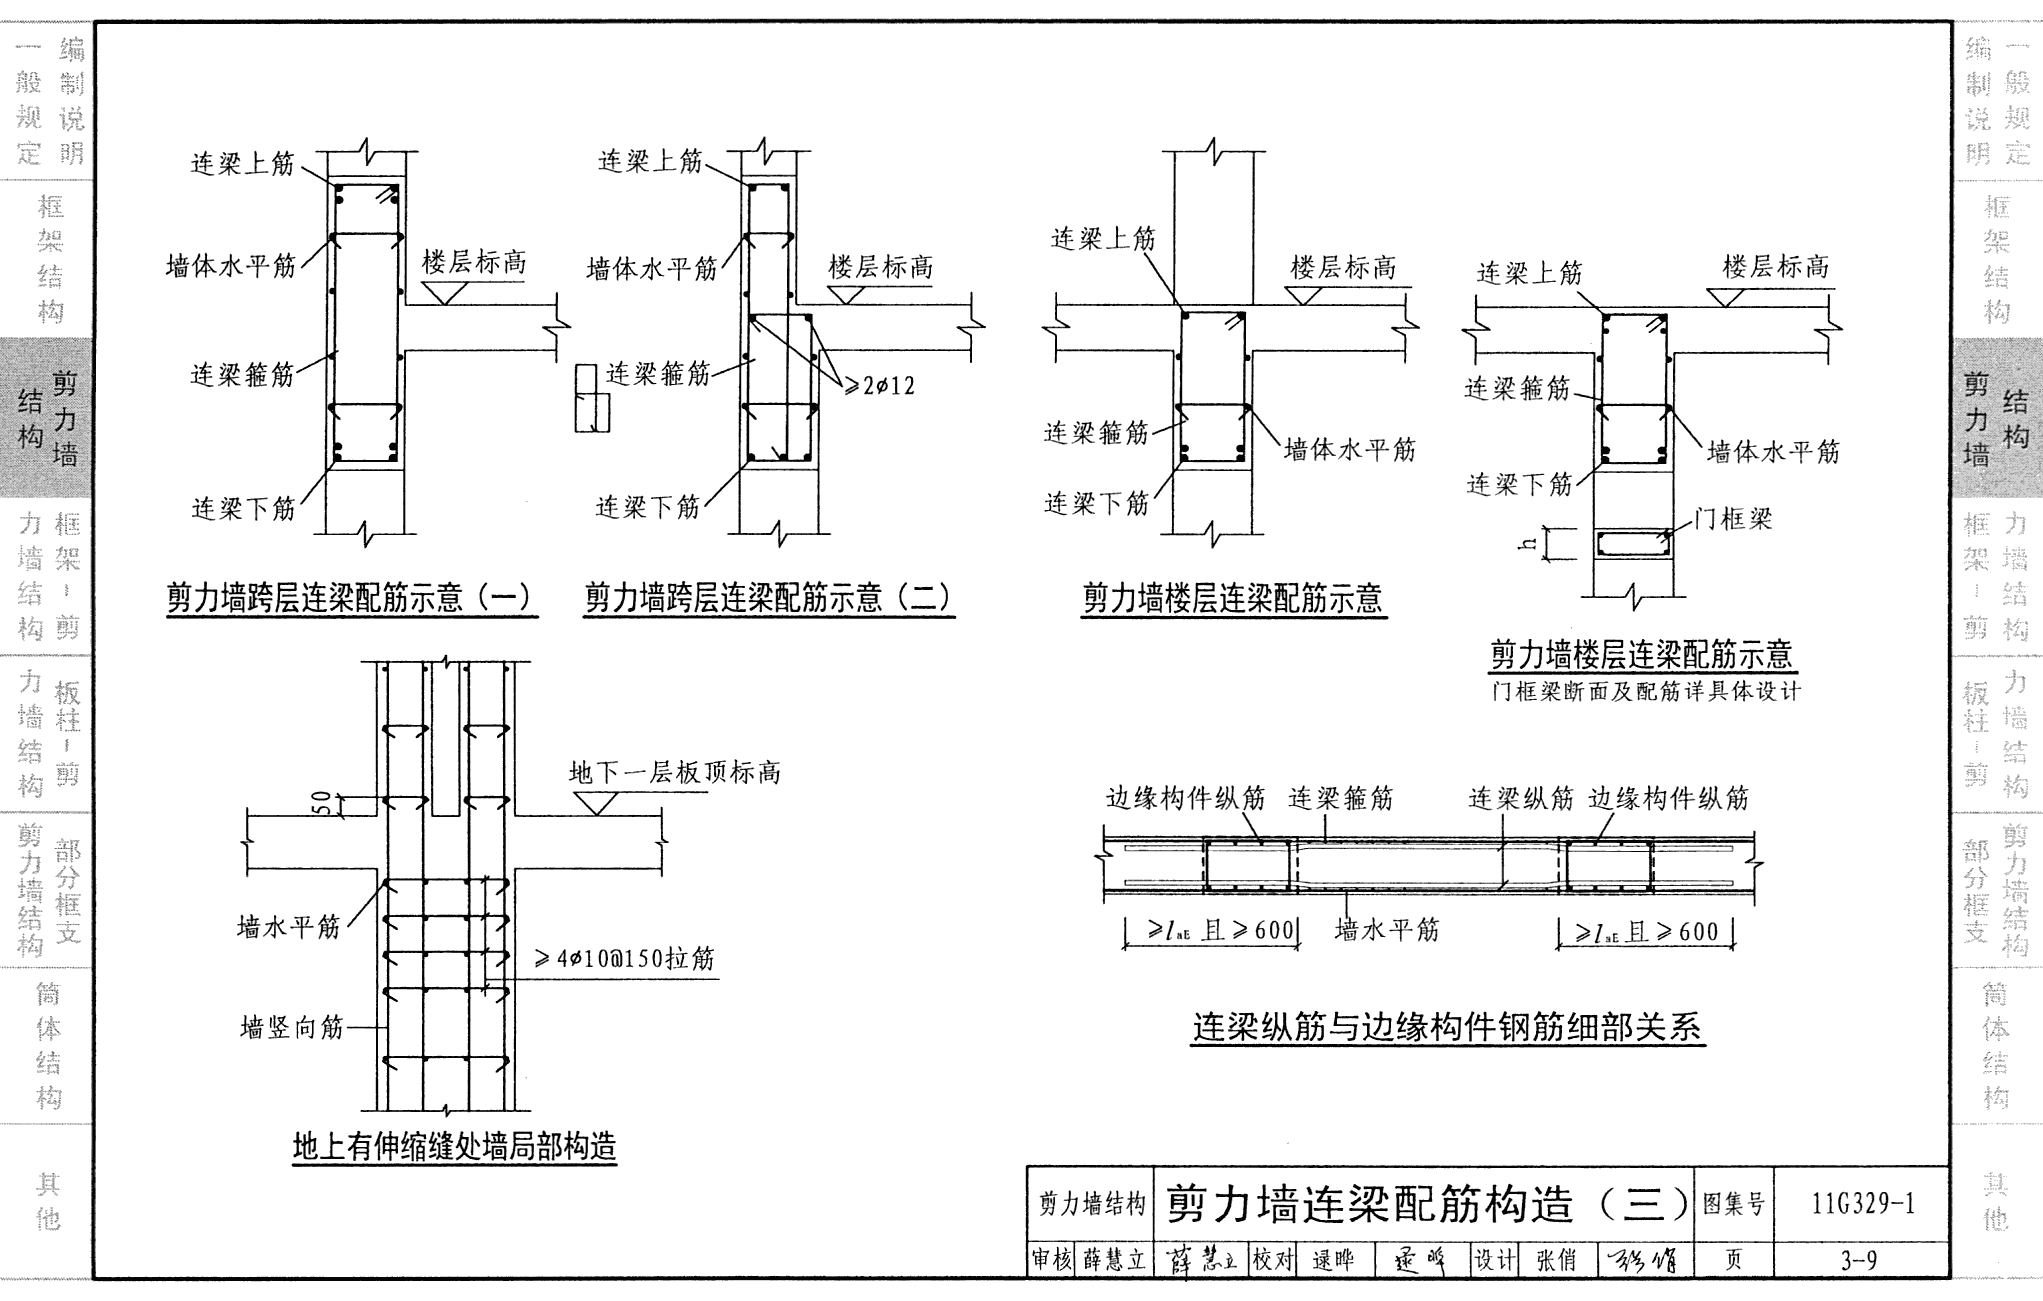 关于钢筋图集11G329-1 - 结构理论